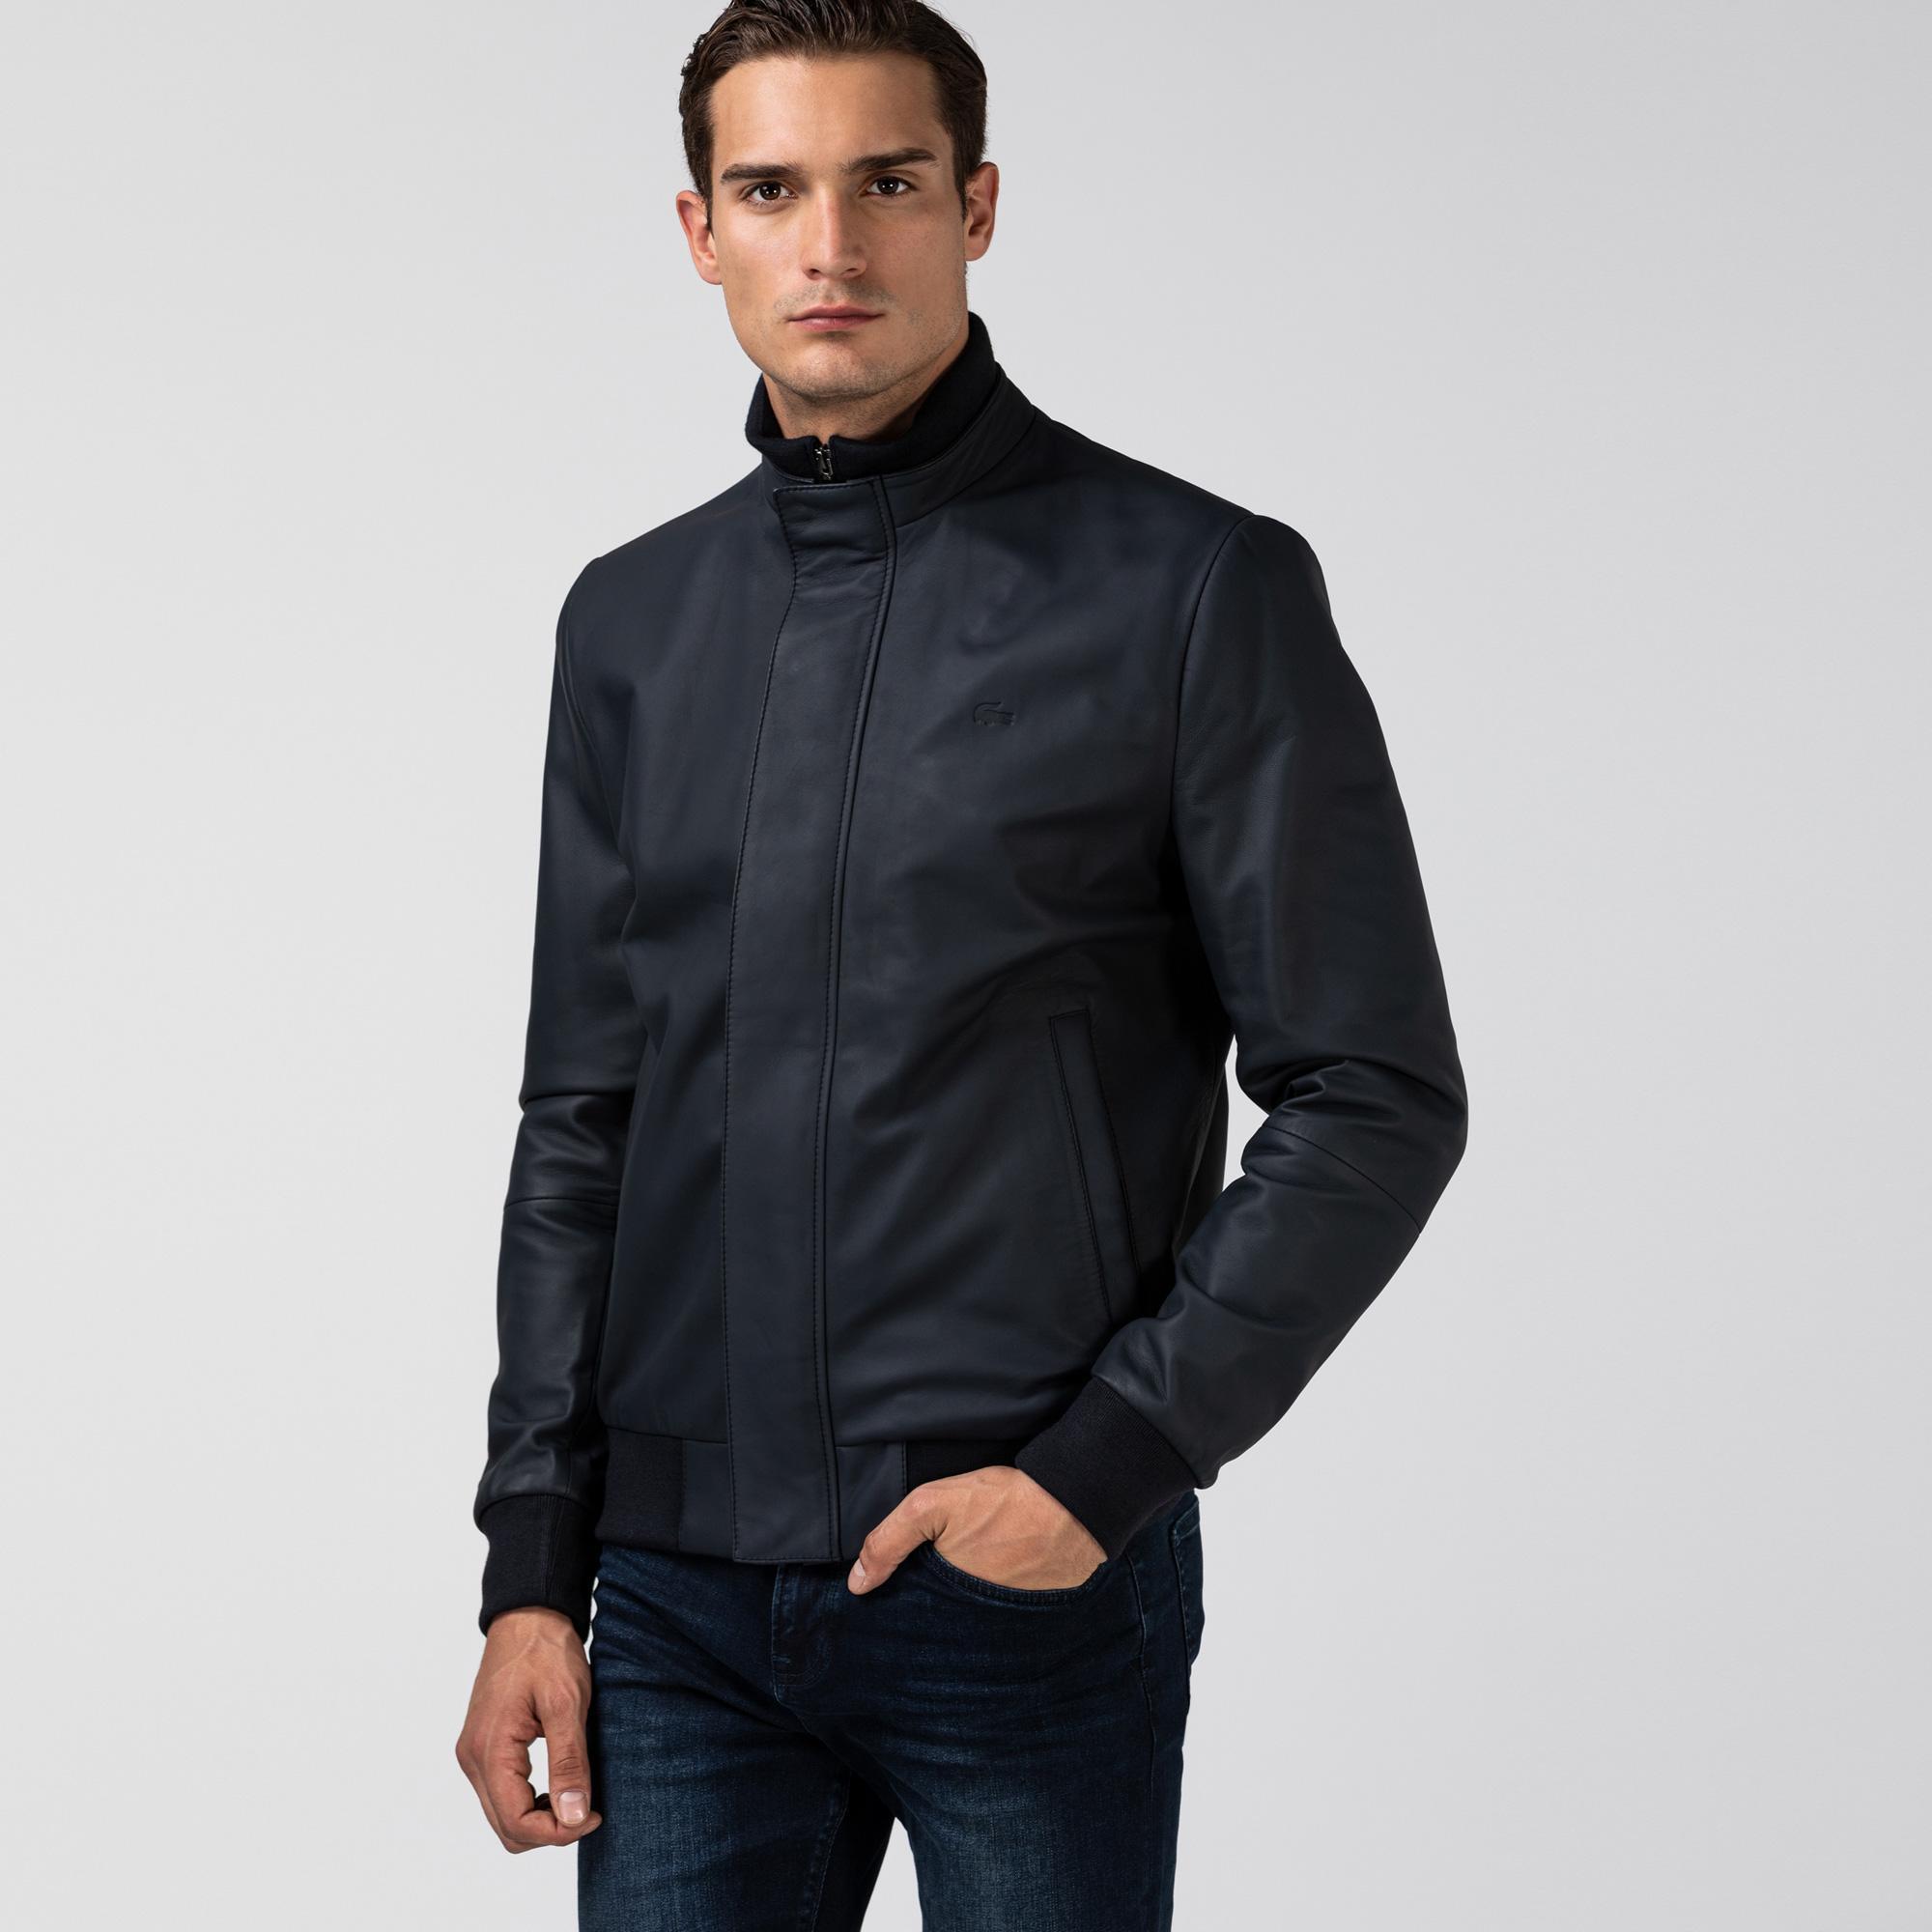 Lacoste Erkek Dik Yaka Deri Lacivert Ceket